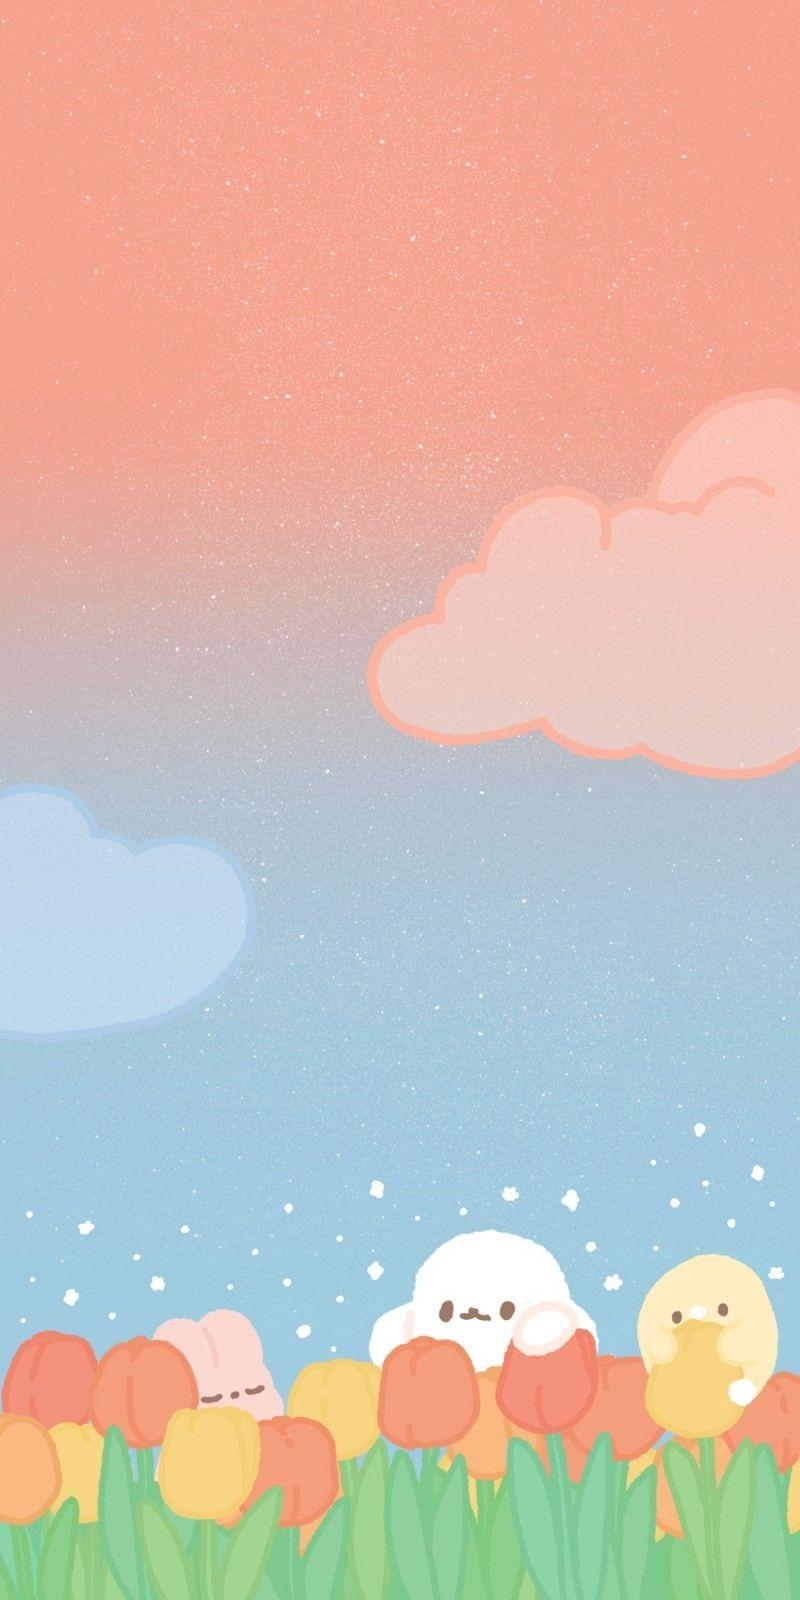 [ 배경화면 ] 튤립속 도레미